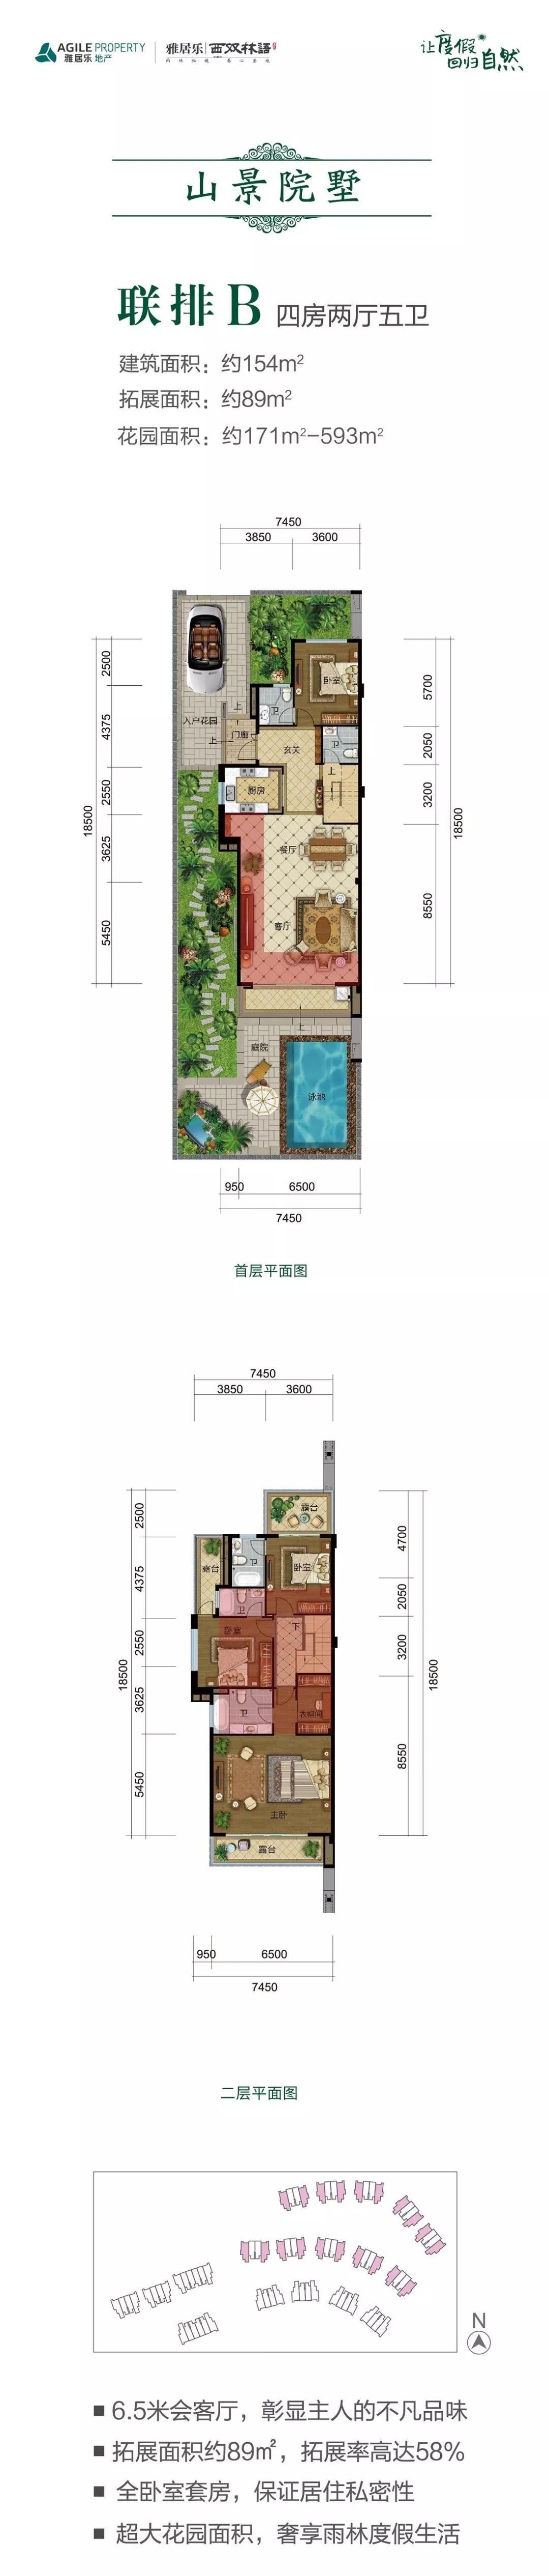 联排B户型 4室2厅5卫 建筑面积:154㎡